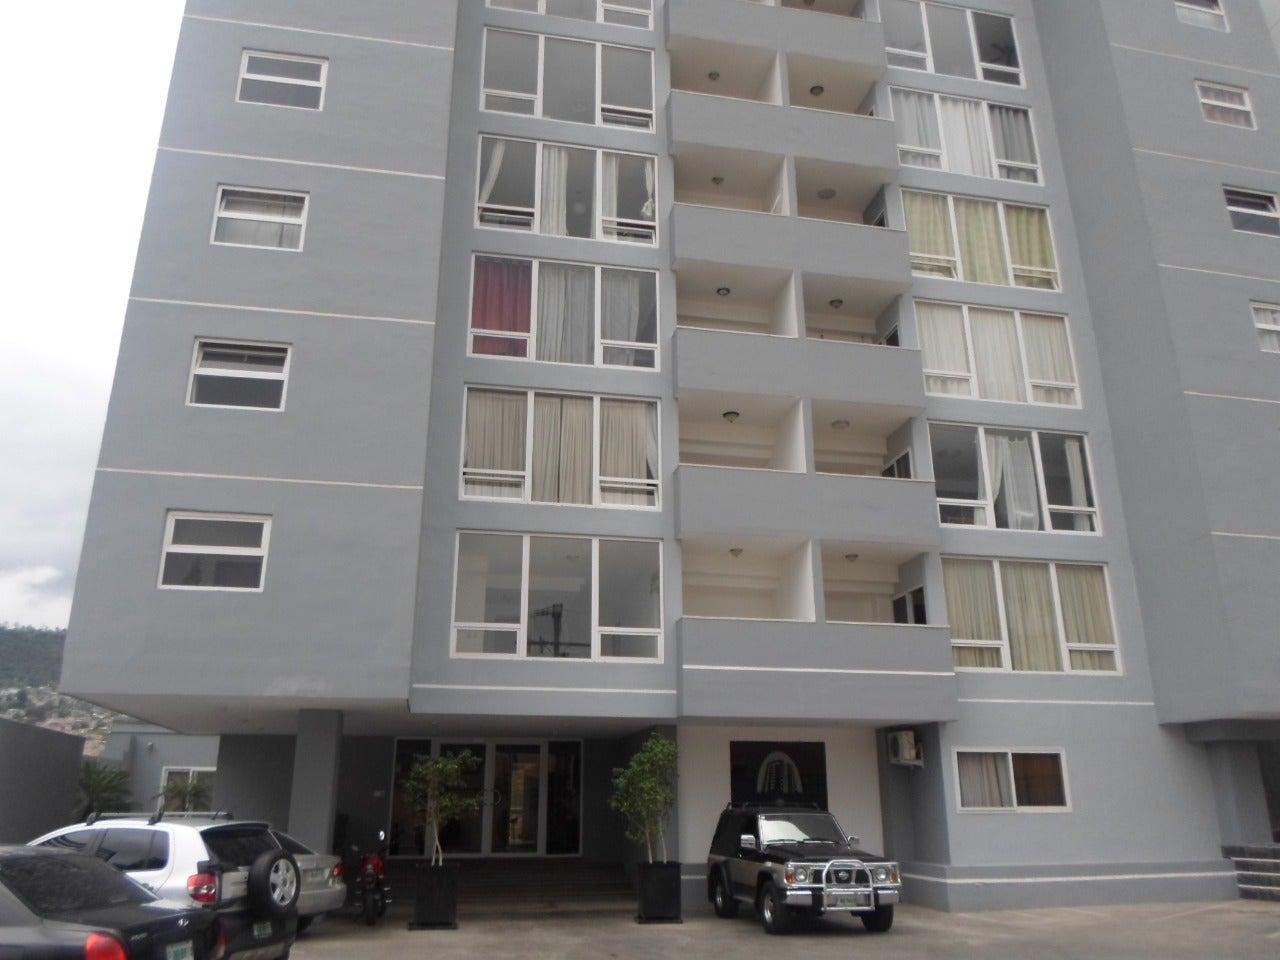 mujer se lanza edificio de apartamentos